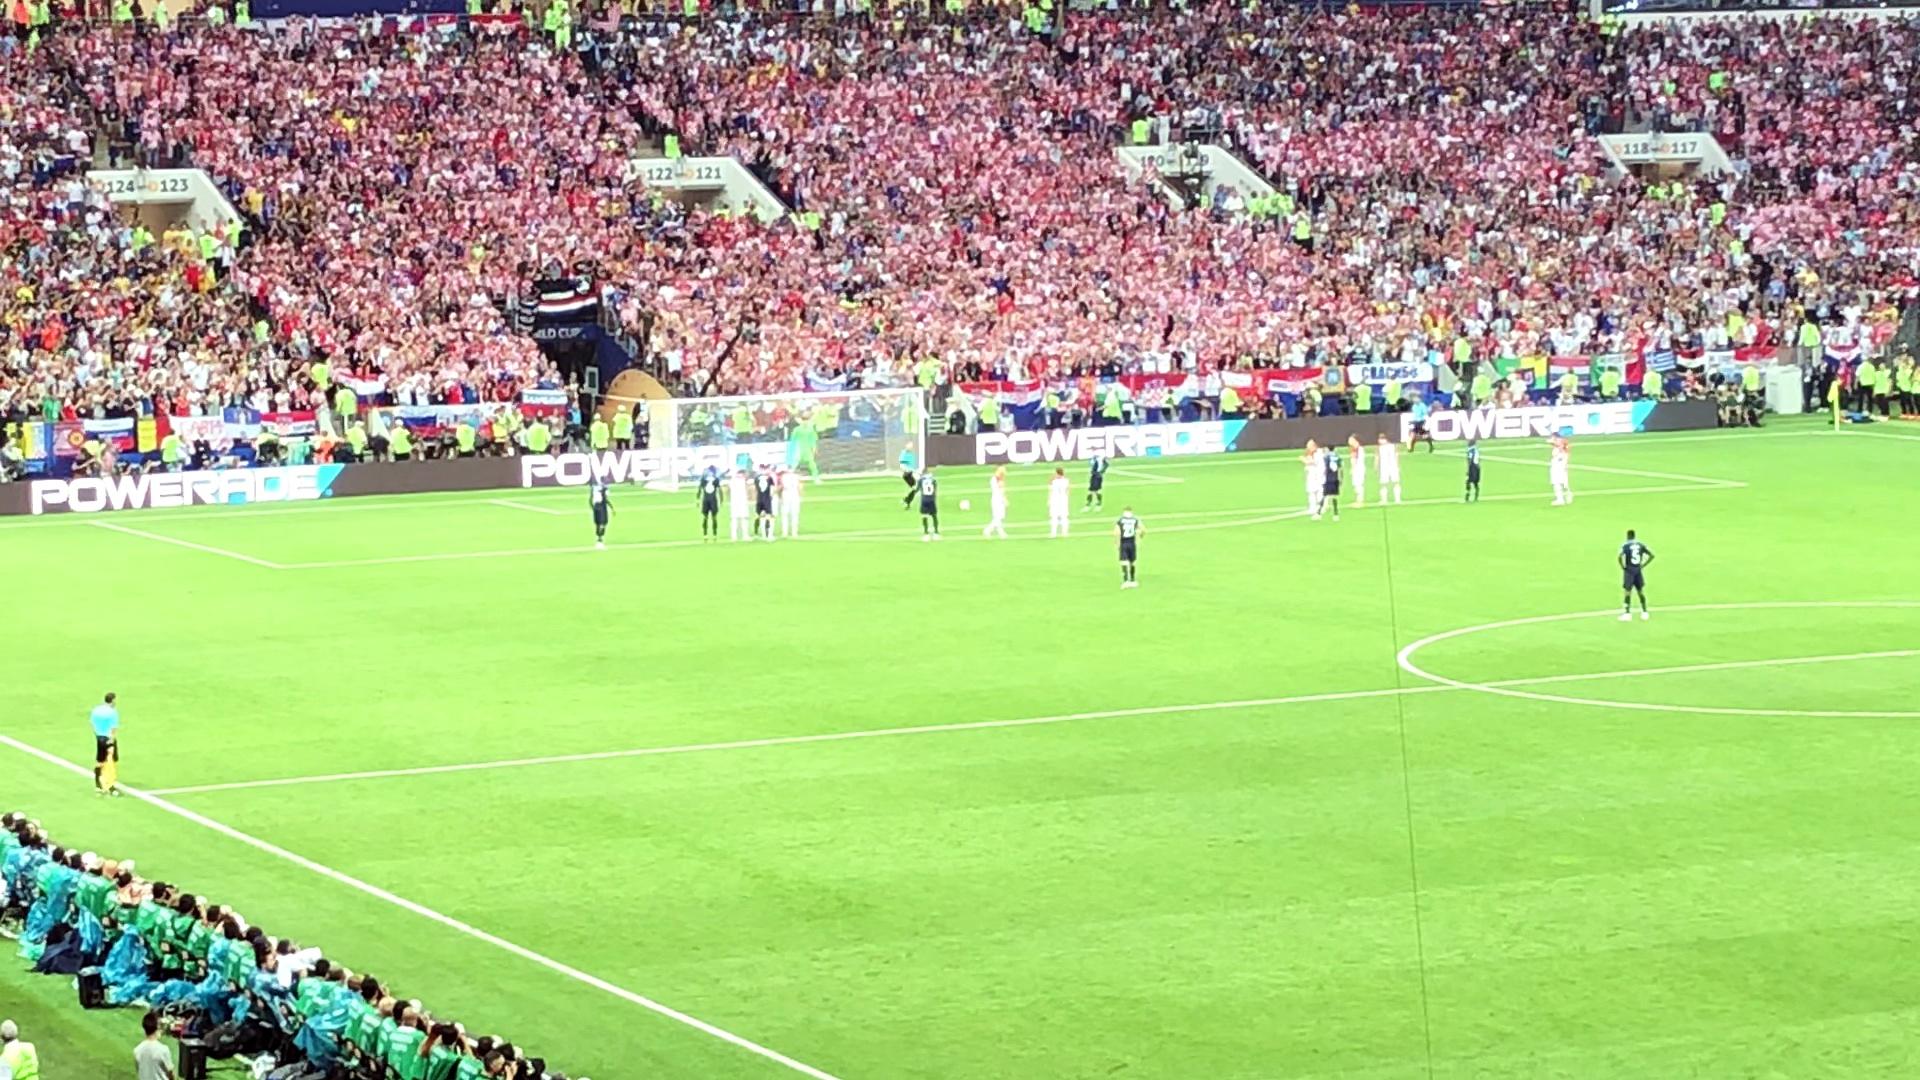 FIFA World Cup Final – Griezmann goal!!